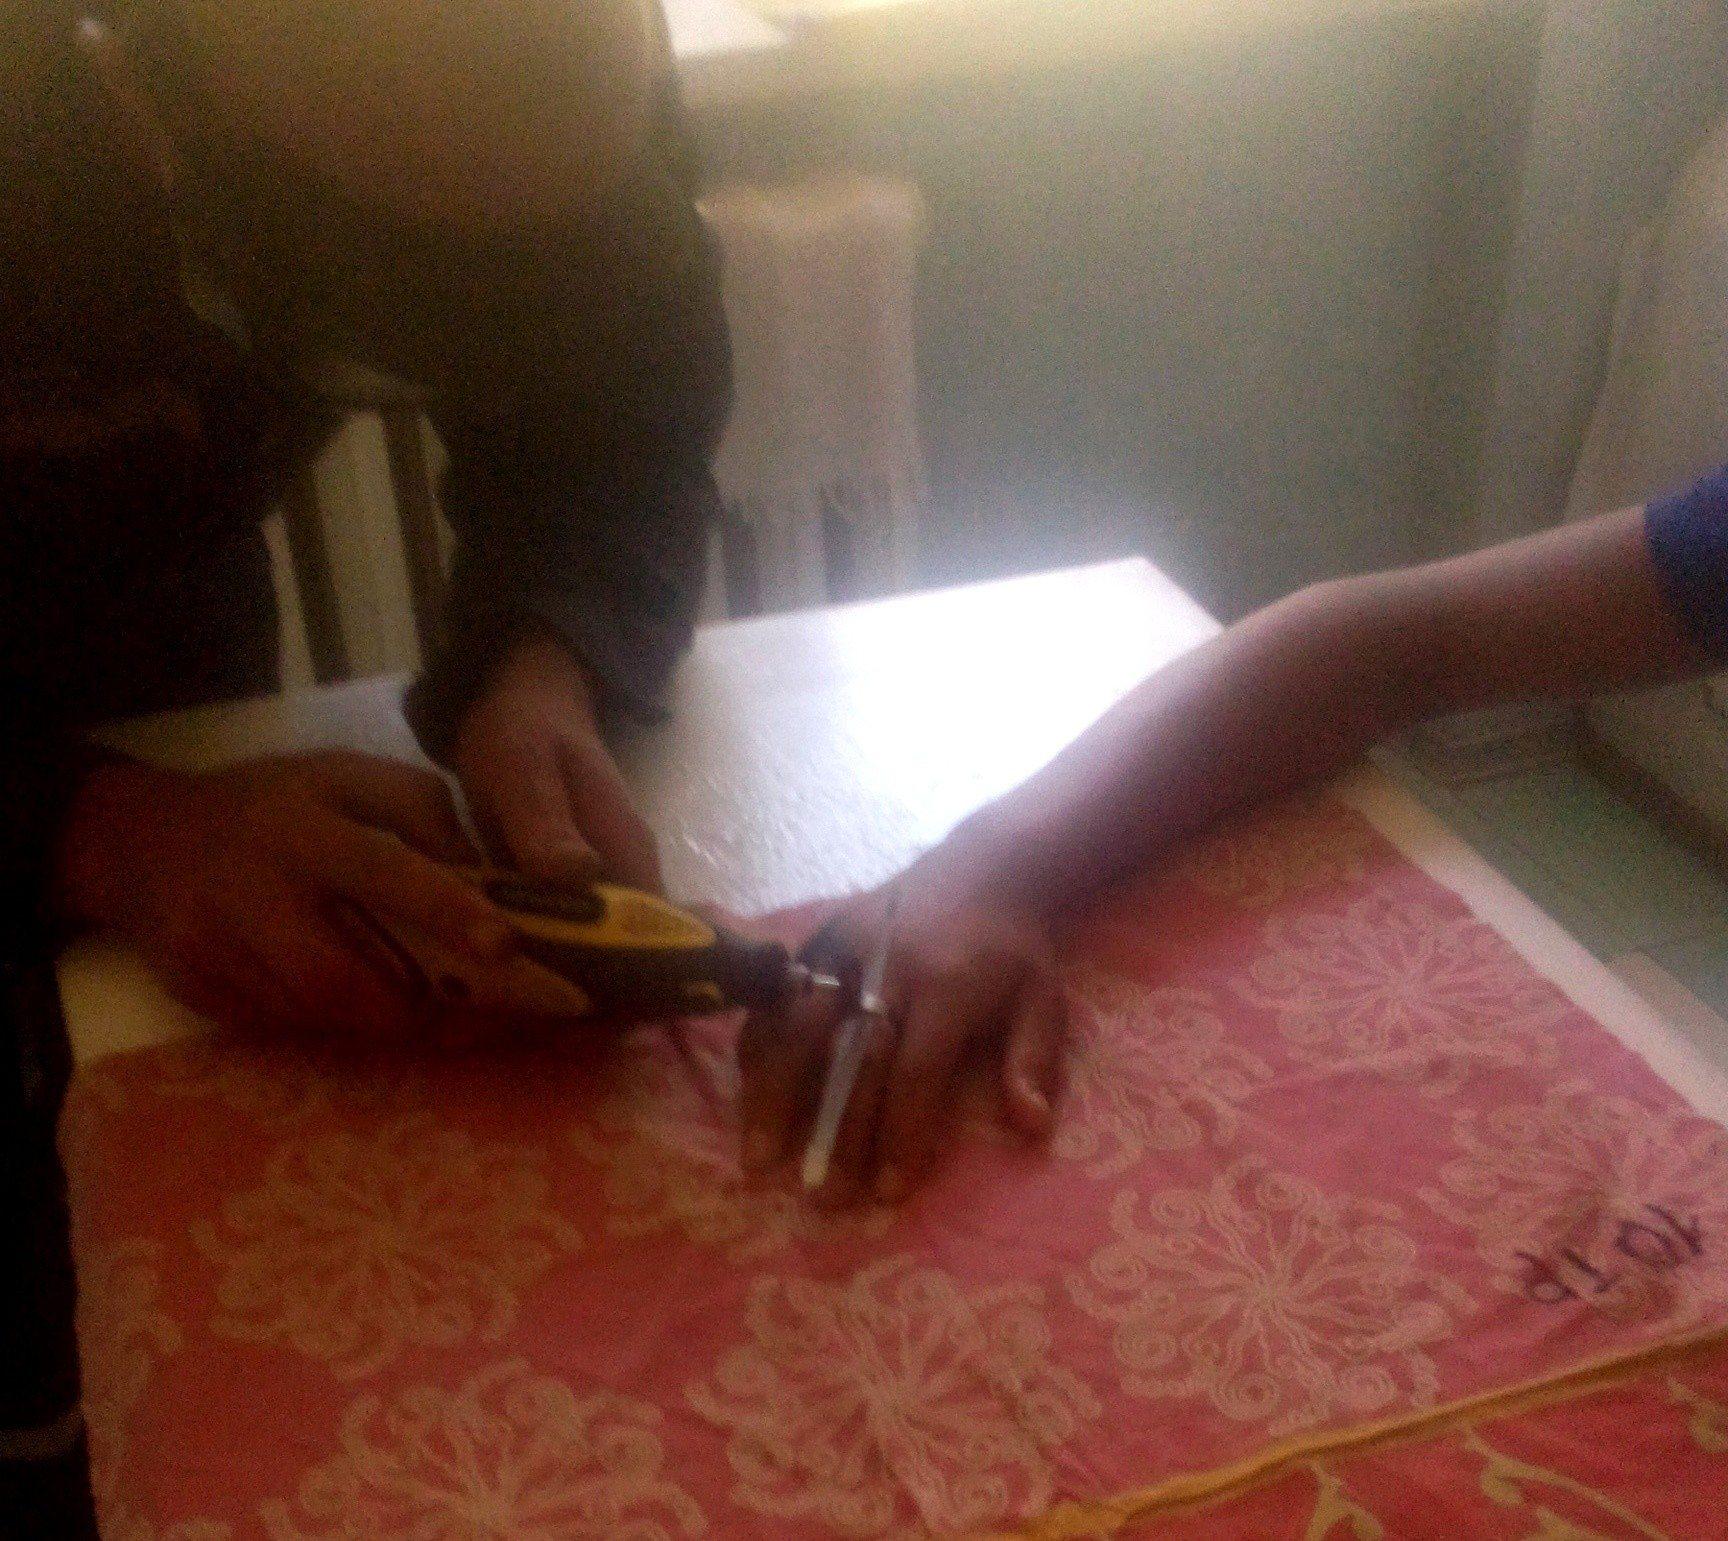 В Херсоне спасатели сняли кольцо с травмированной руки подростка